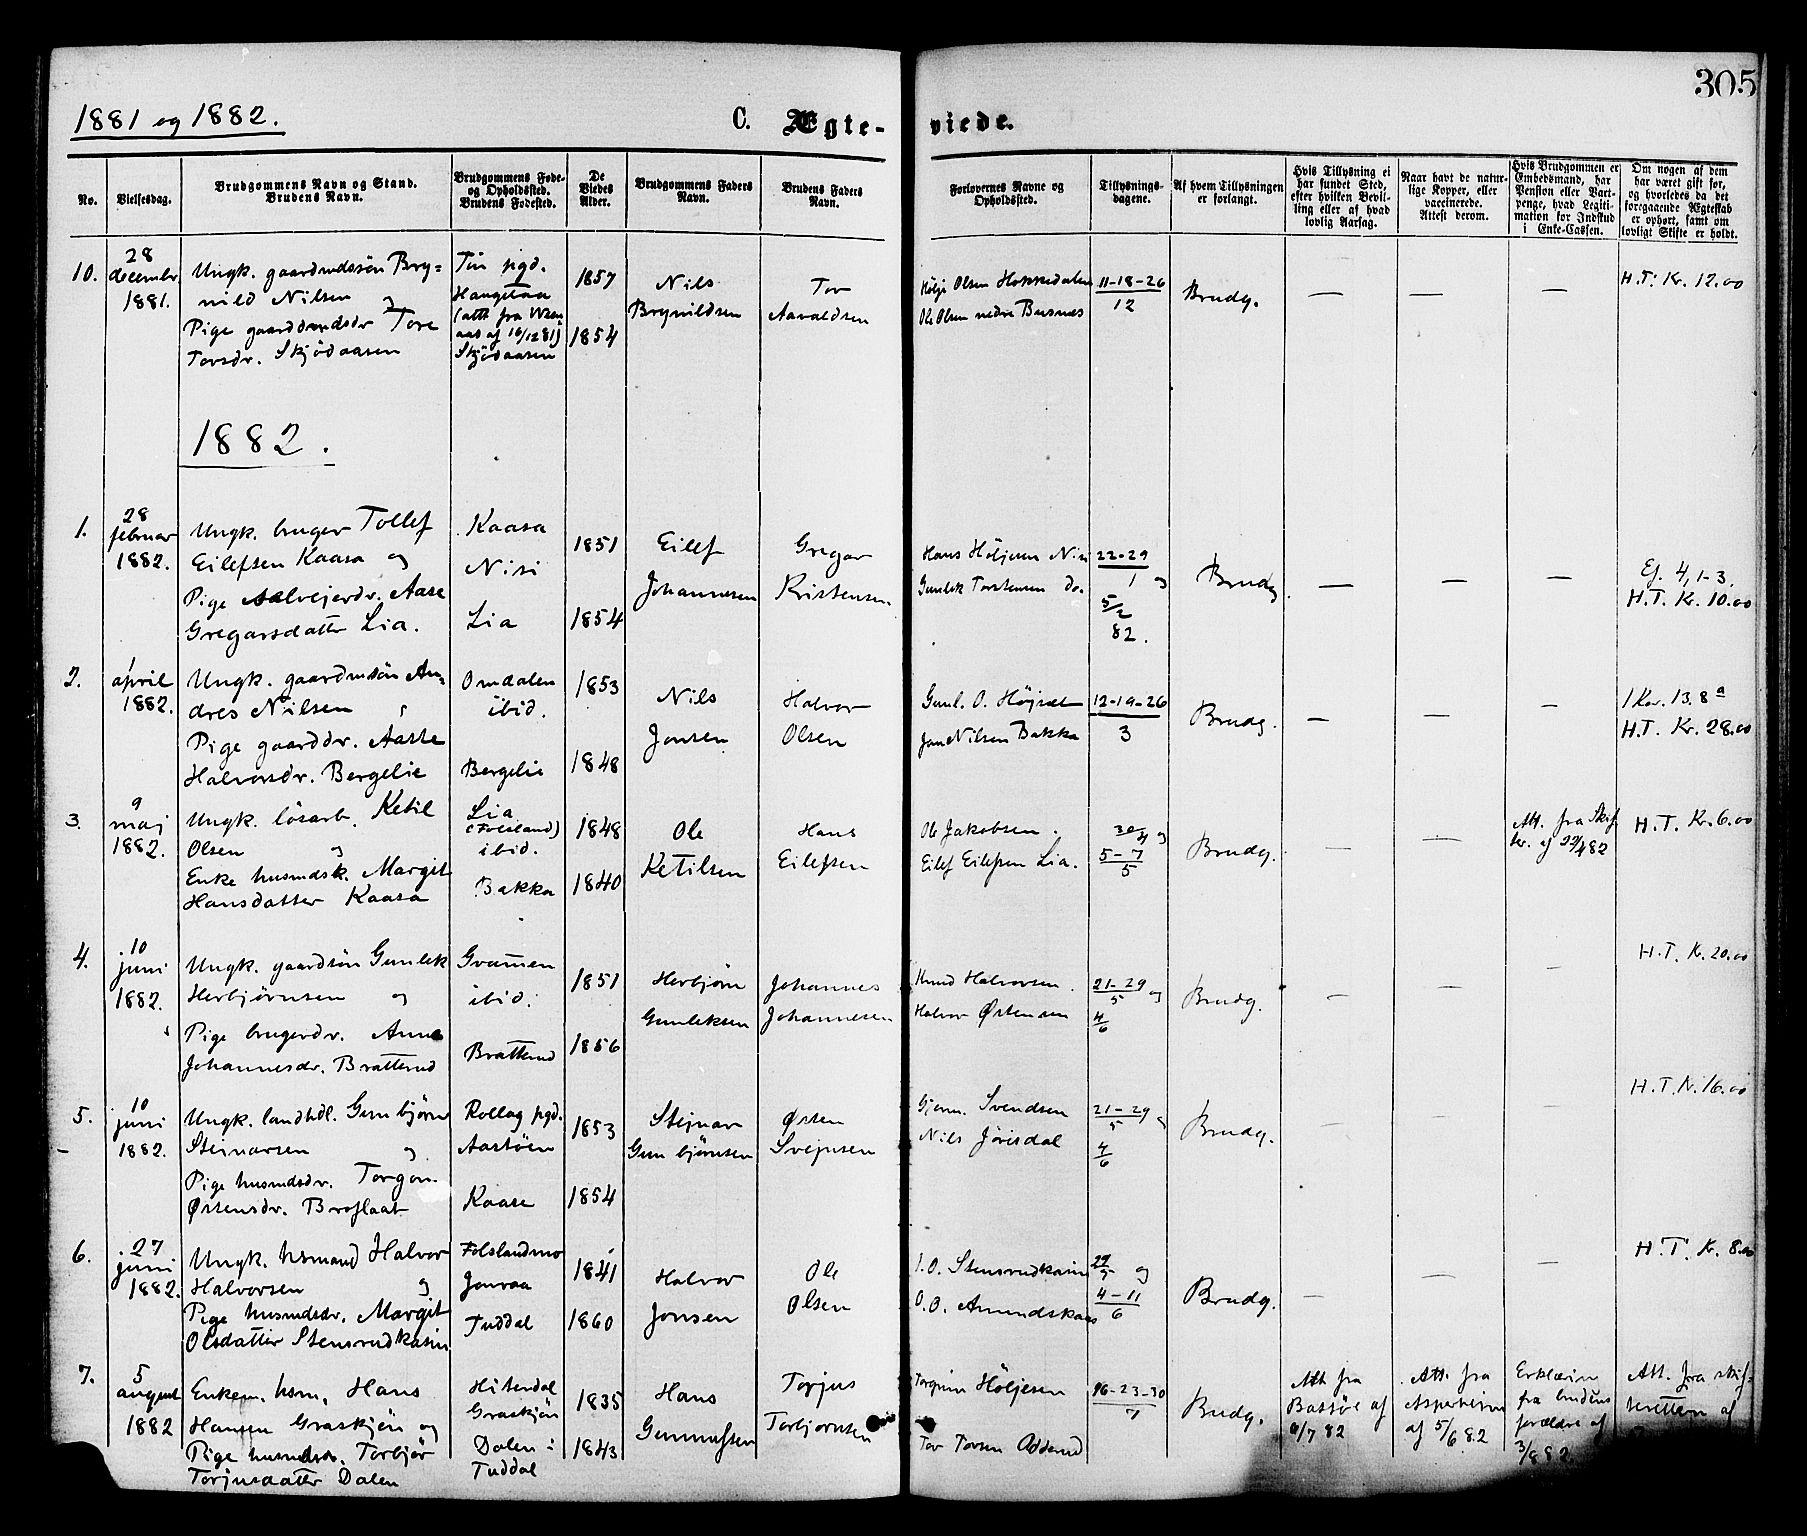 SAKO, Gransherad kirkebøker, F/Fa/L0004: Ministerialbok nr. I 4, 1871-1886, s. 305